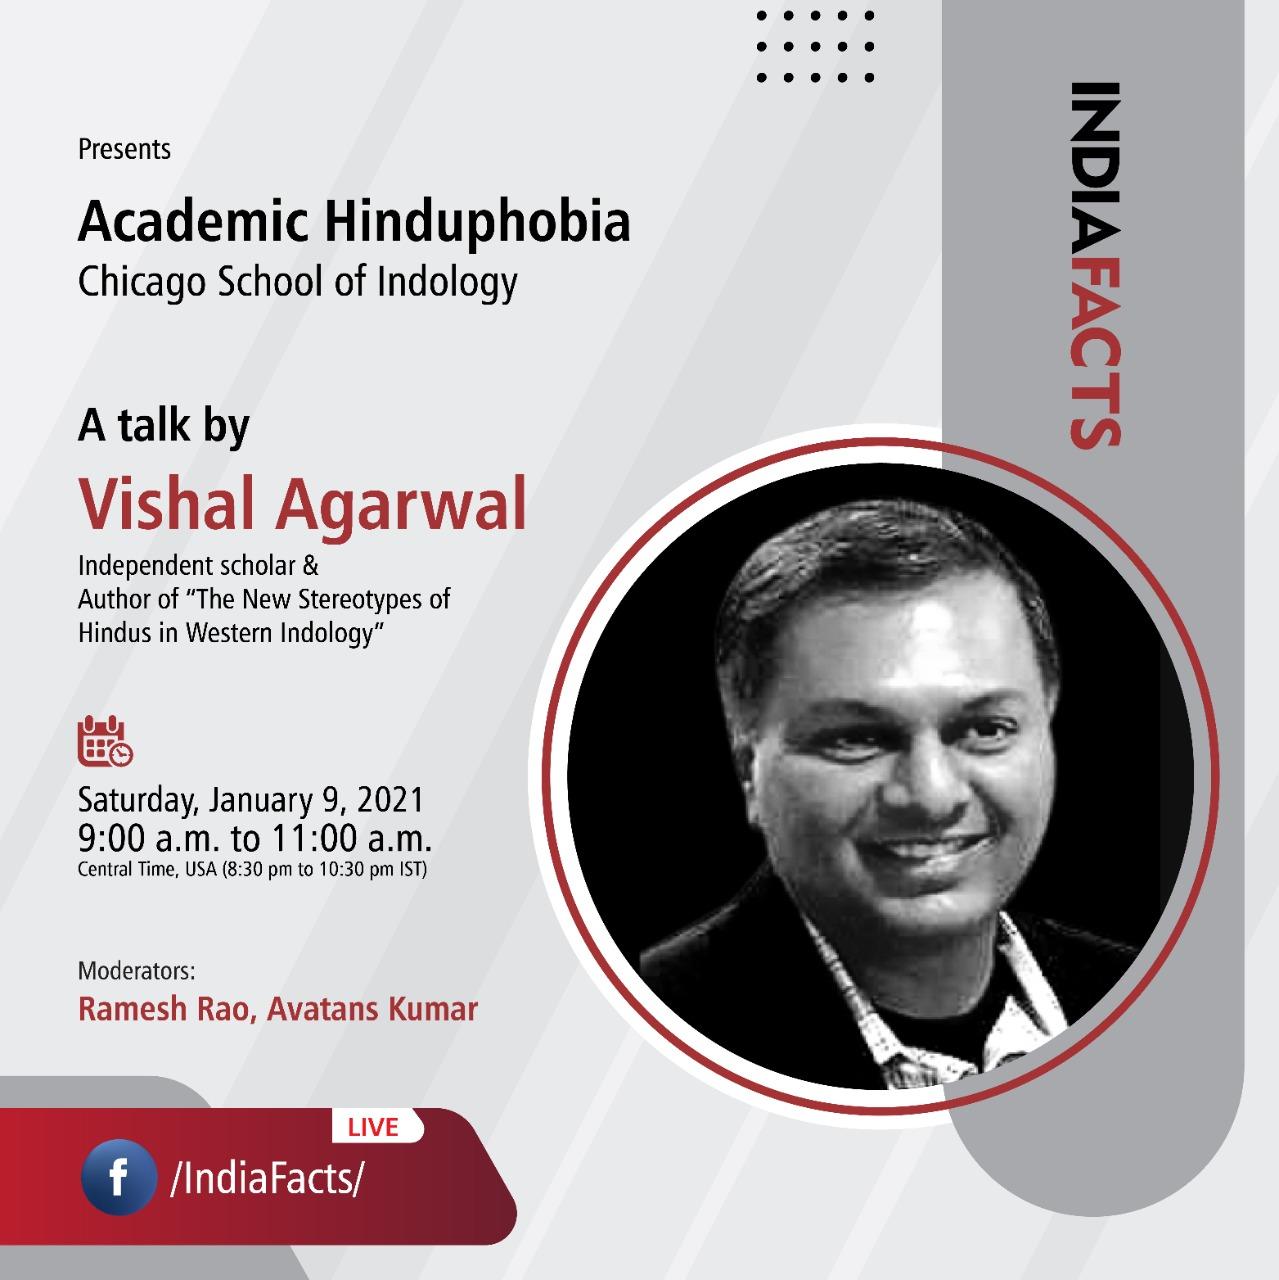 Academic Hinduphobia: A Talk by Vishal Agarwal